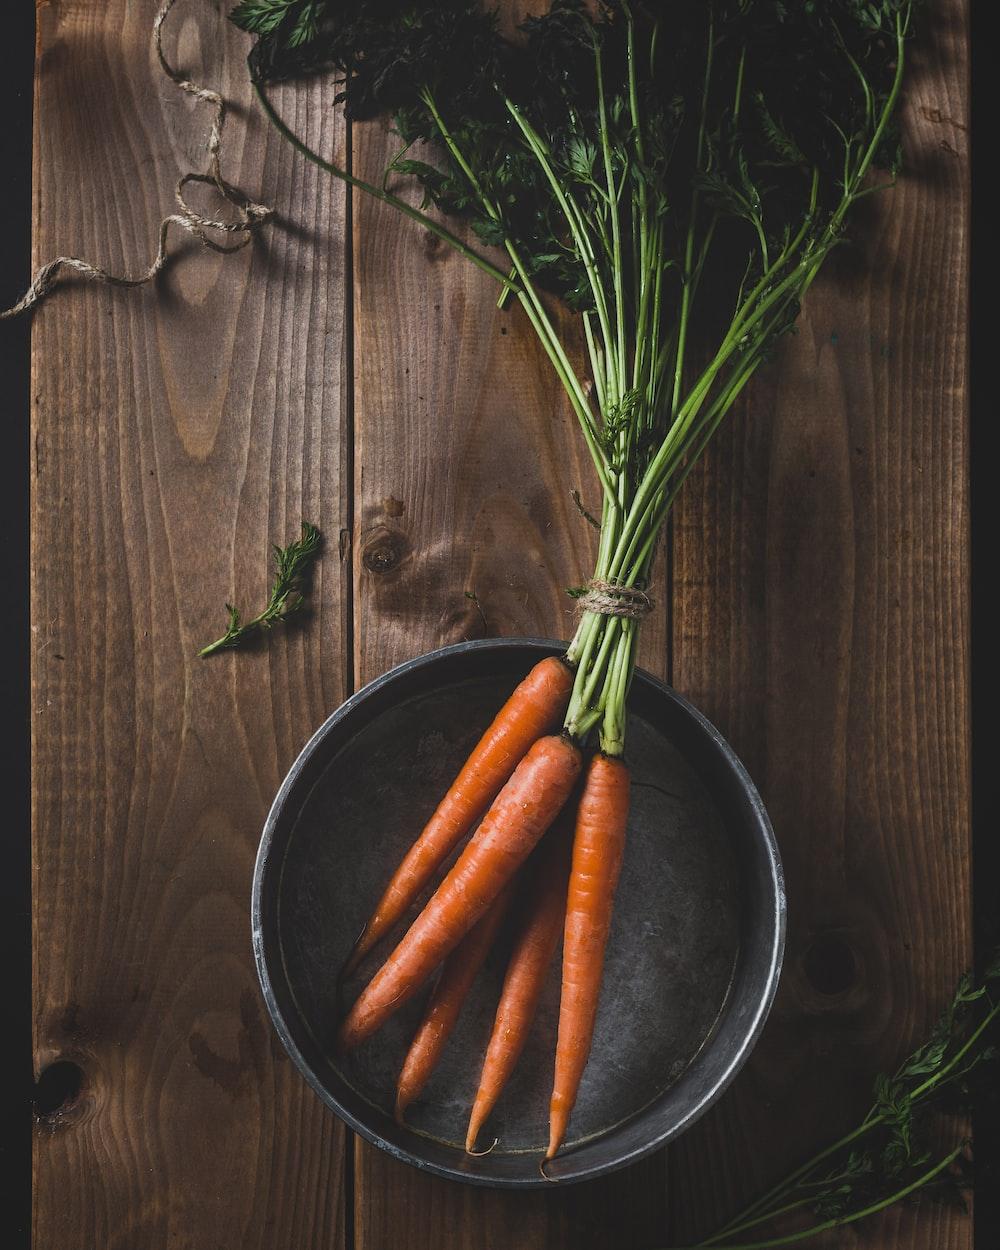 orange carrots in bowl